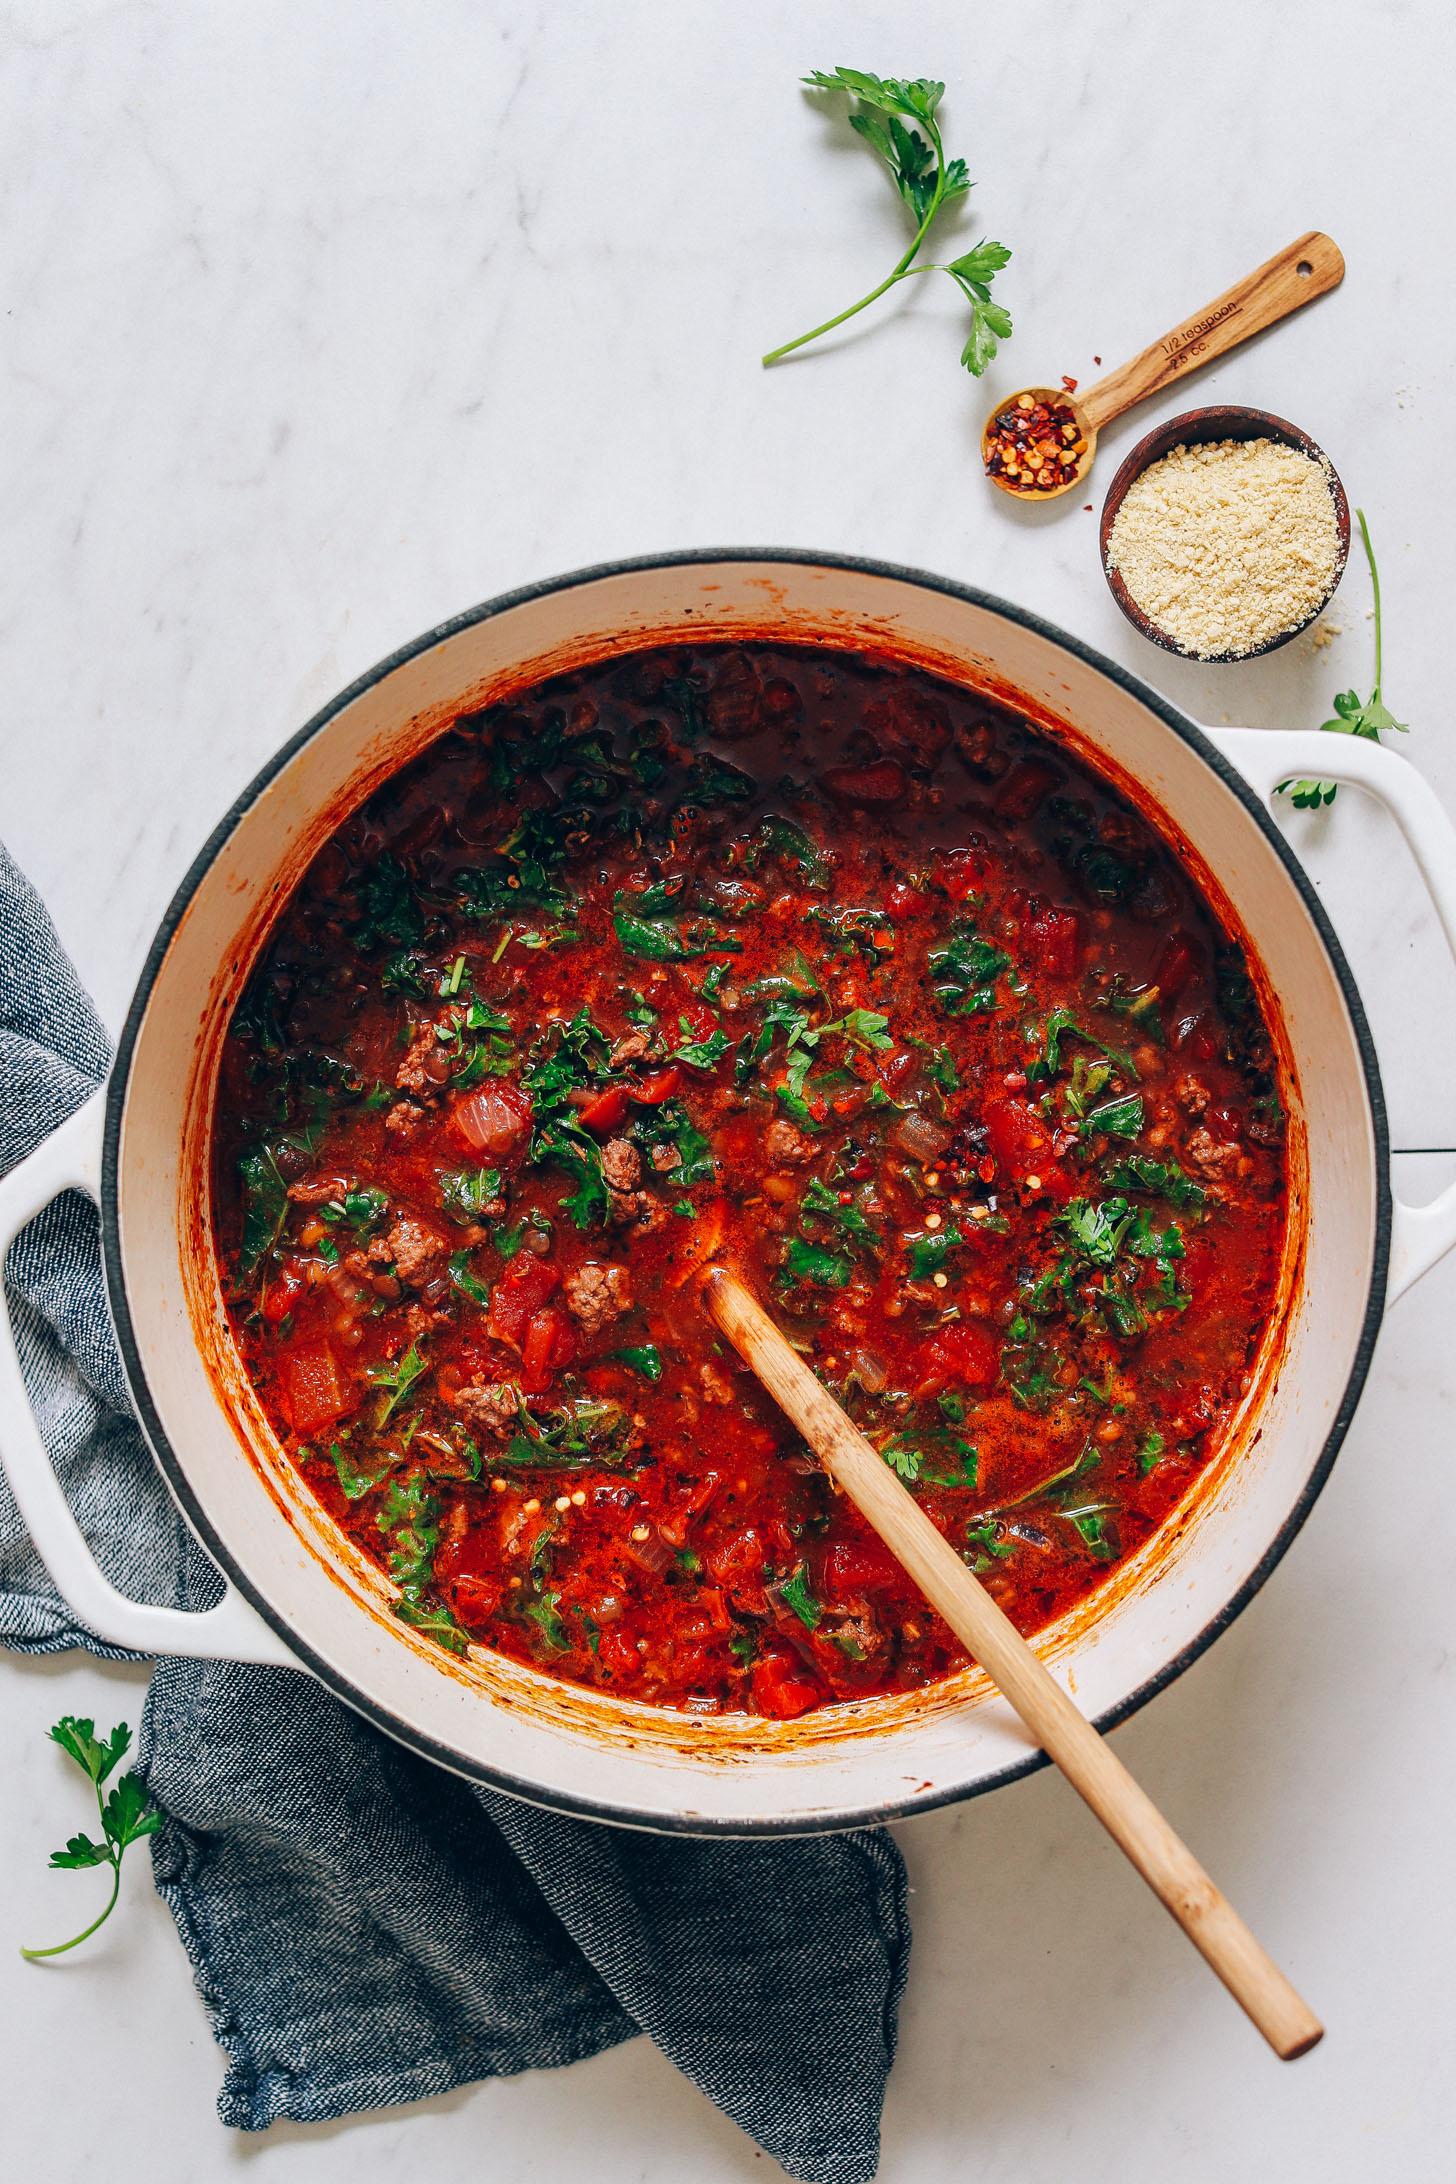 Gran olla de carne tostada y sopa de lentejas al estilo de perejil fresco, hojuelas de pimiento rojo y anacardo y parmesano.